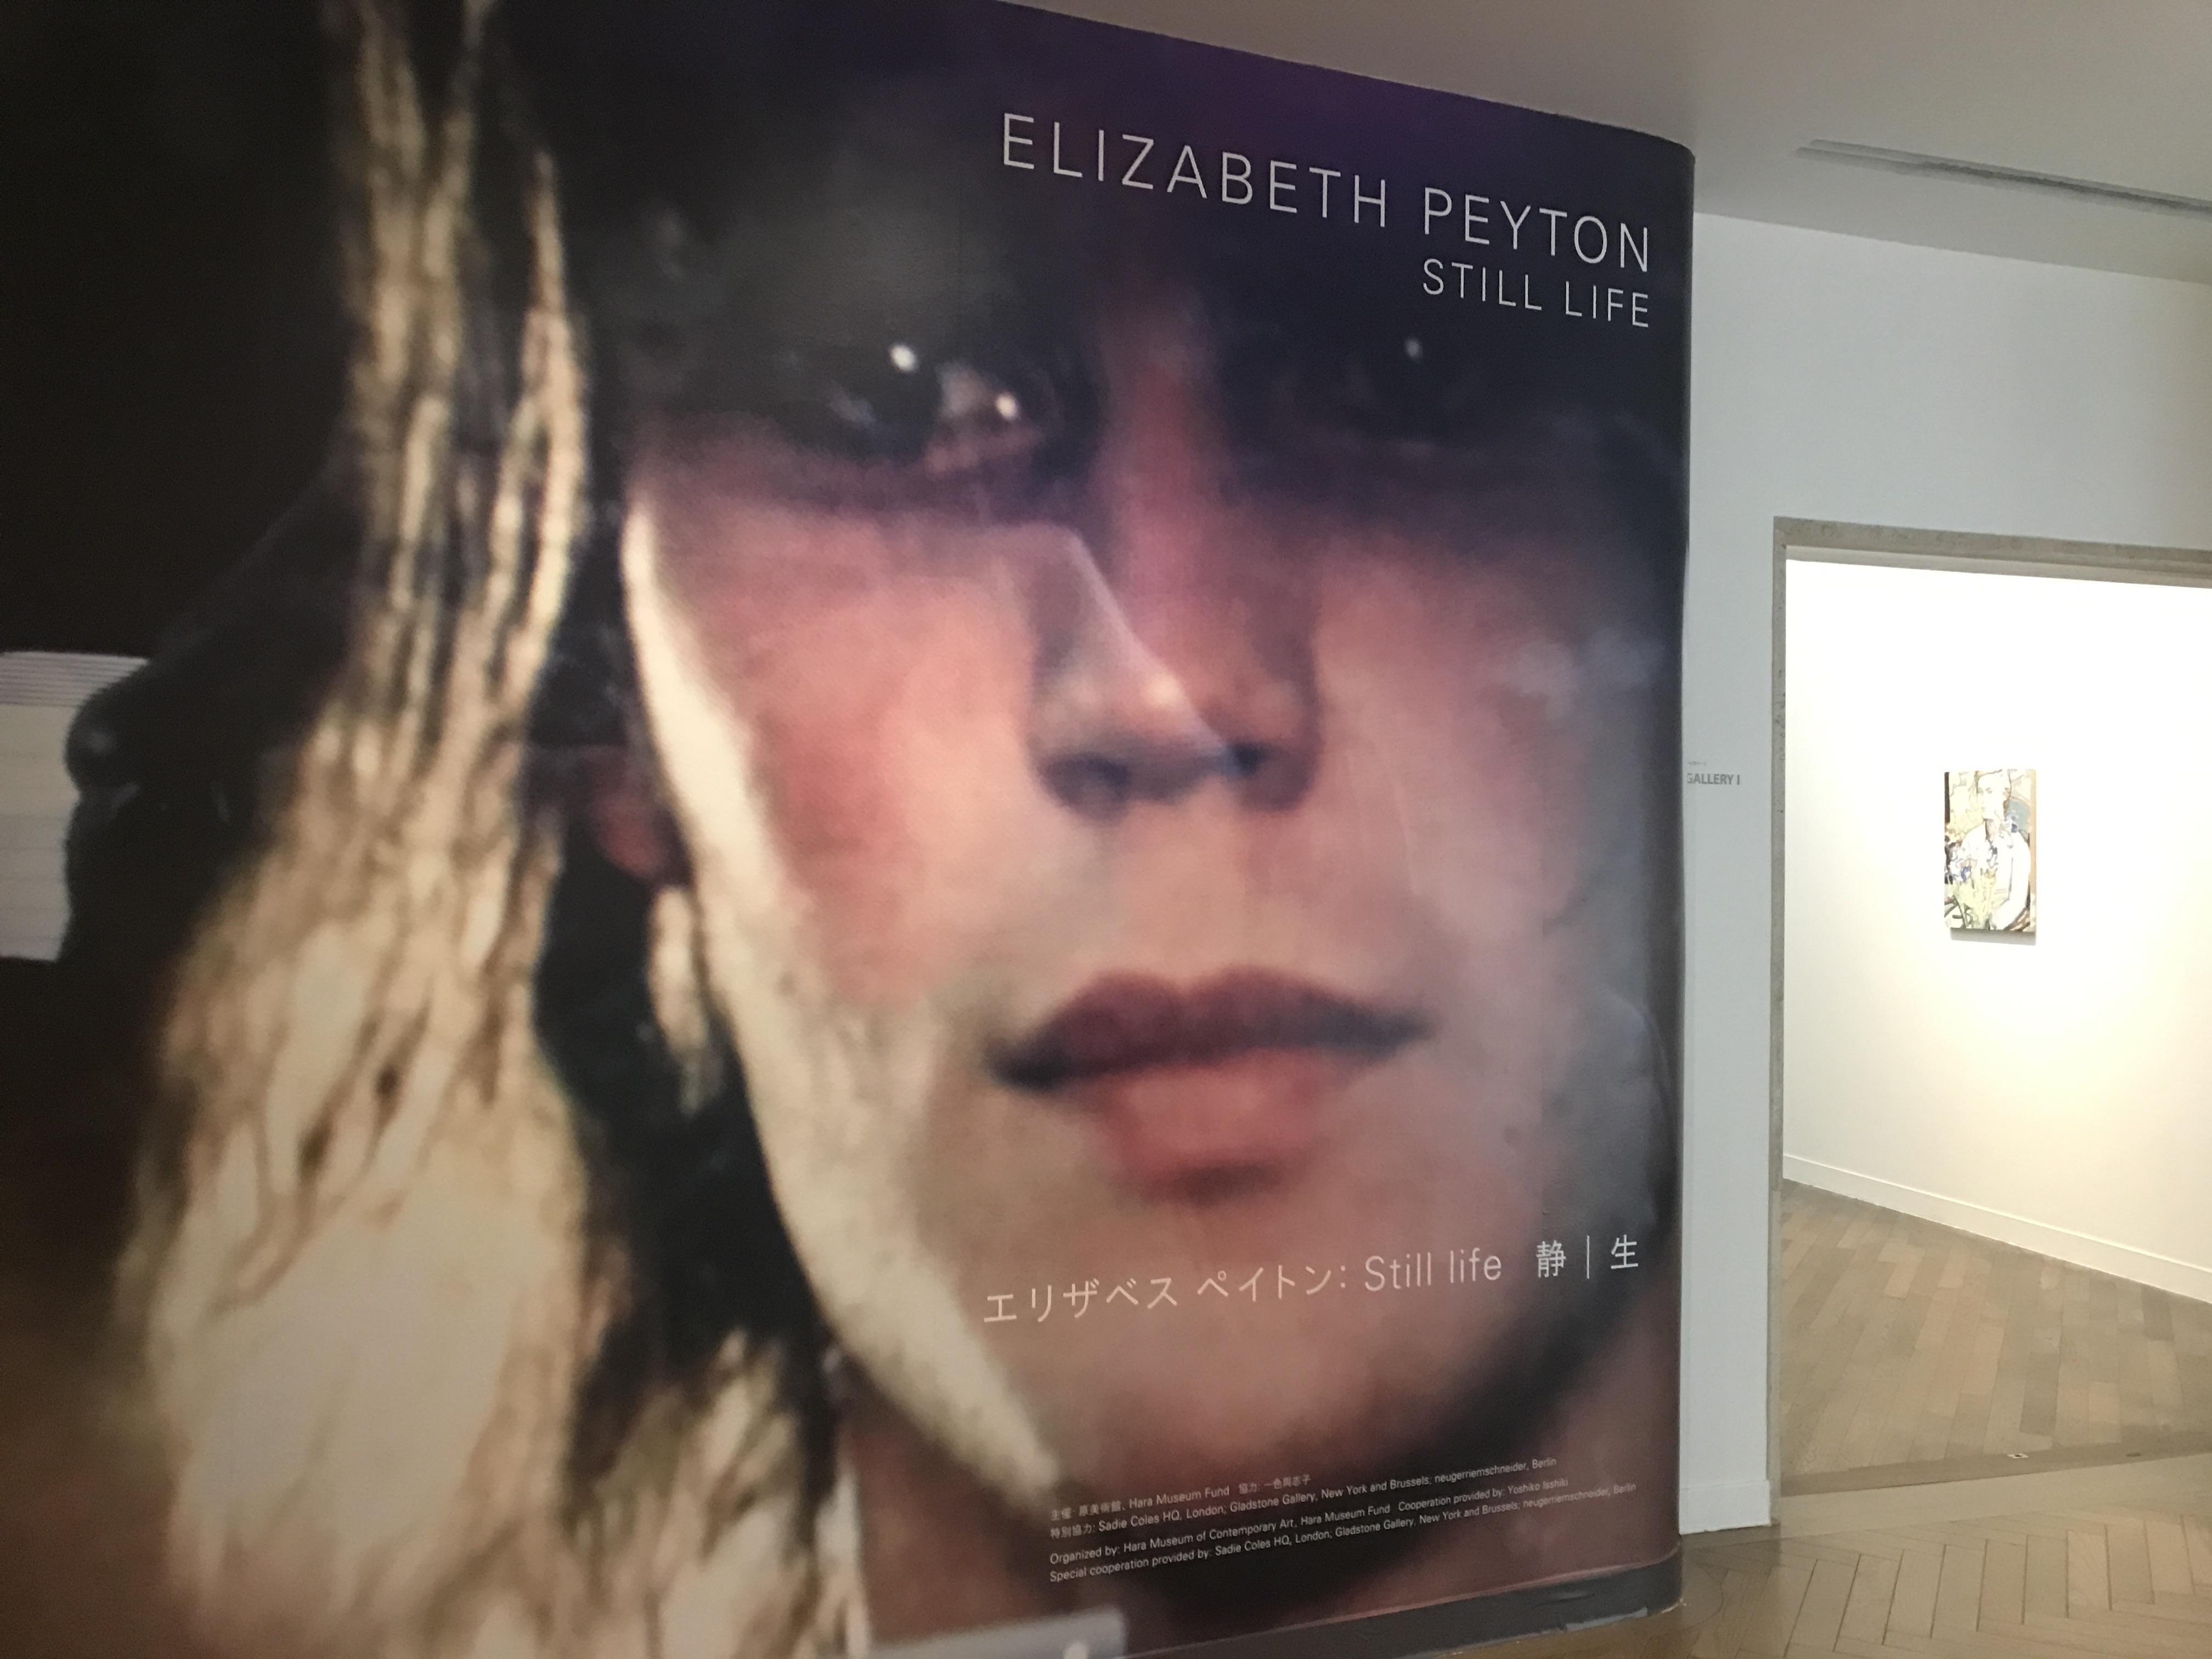 エリザベス ペイトン:Still life 静/生